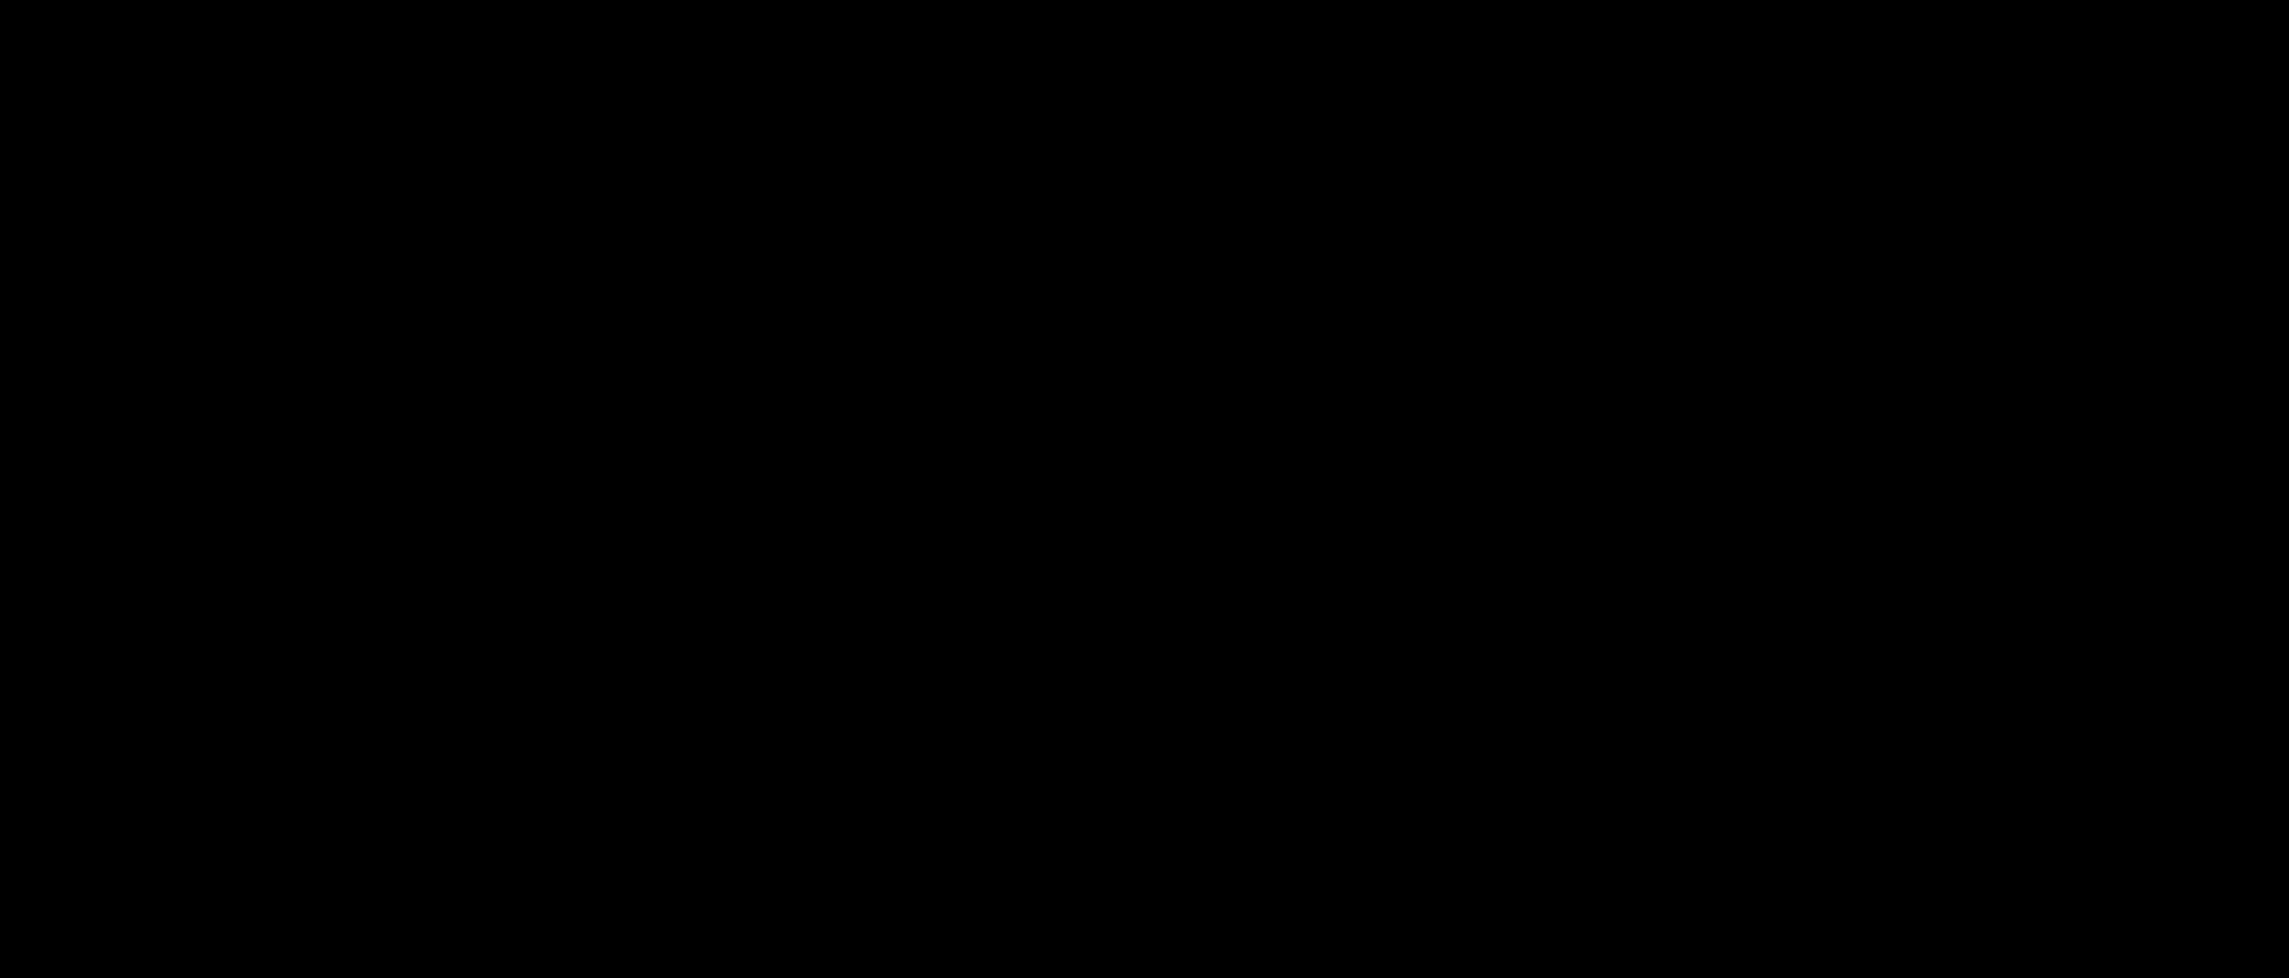 cbt-webpage-header-background